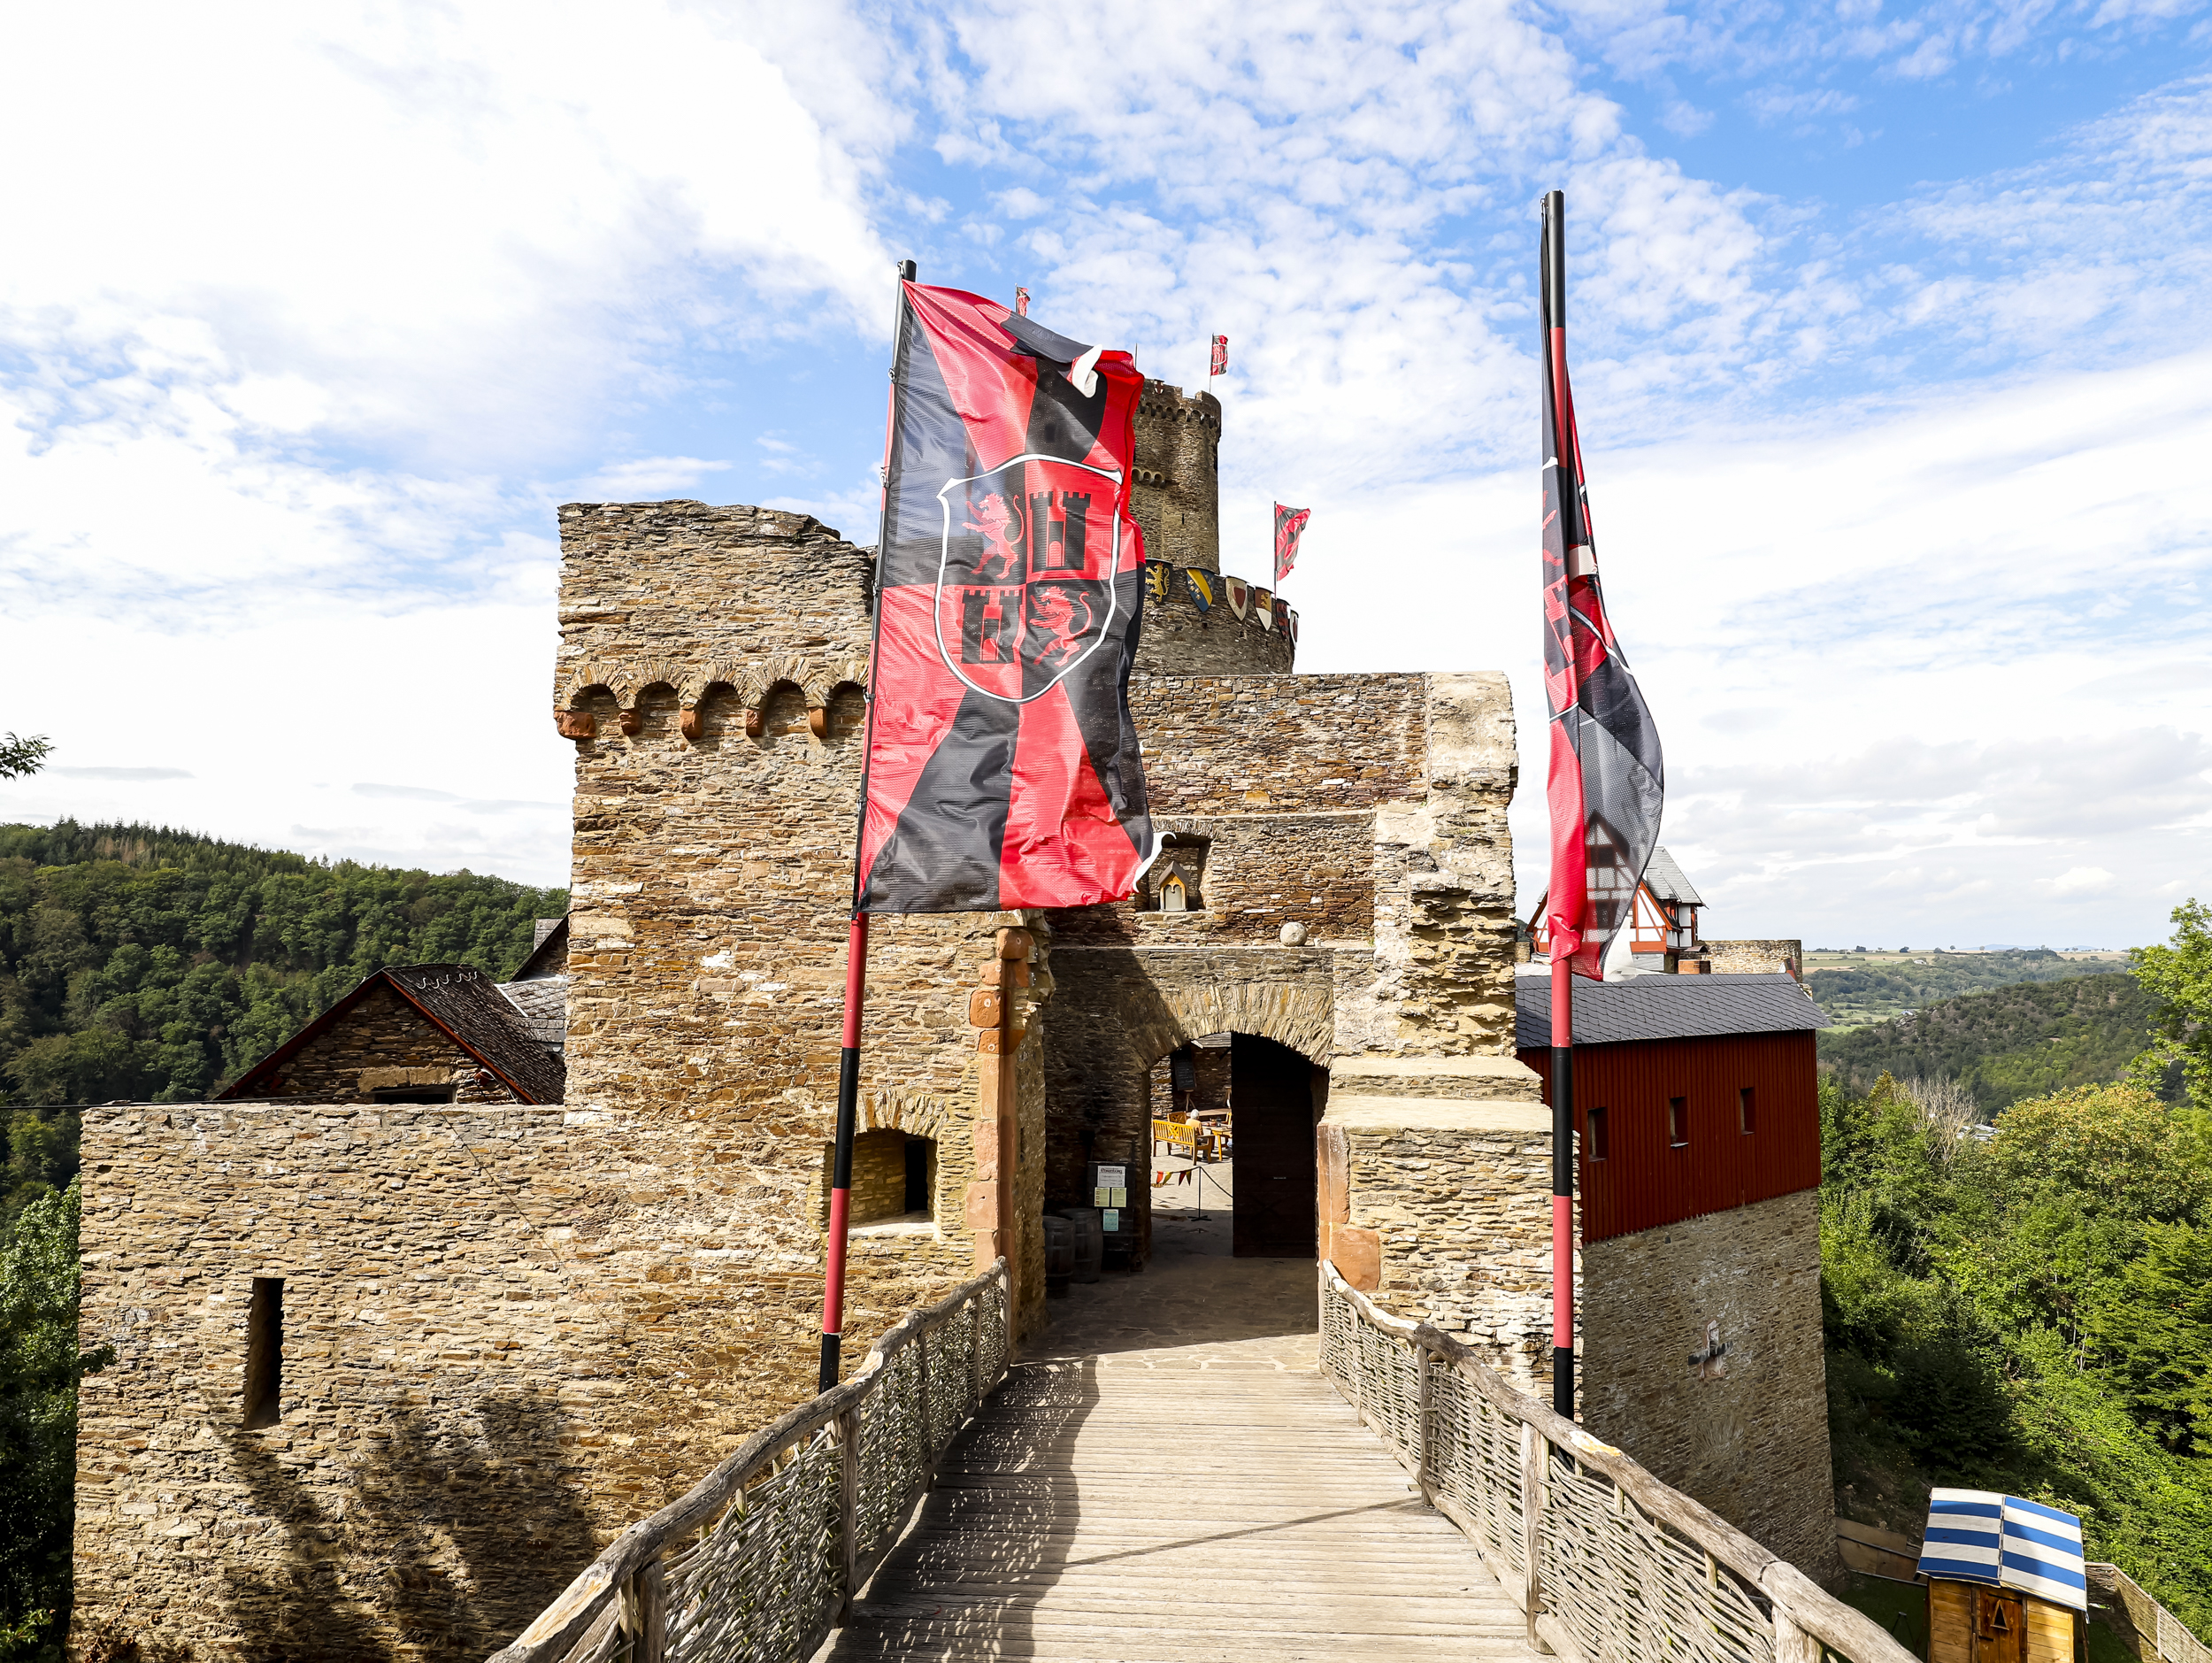 ehrenburg brodenbach mosel moselregion urlaubsregion wandern wanderung burg eltz